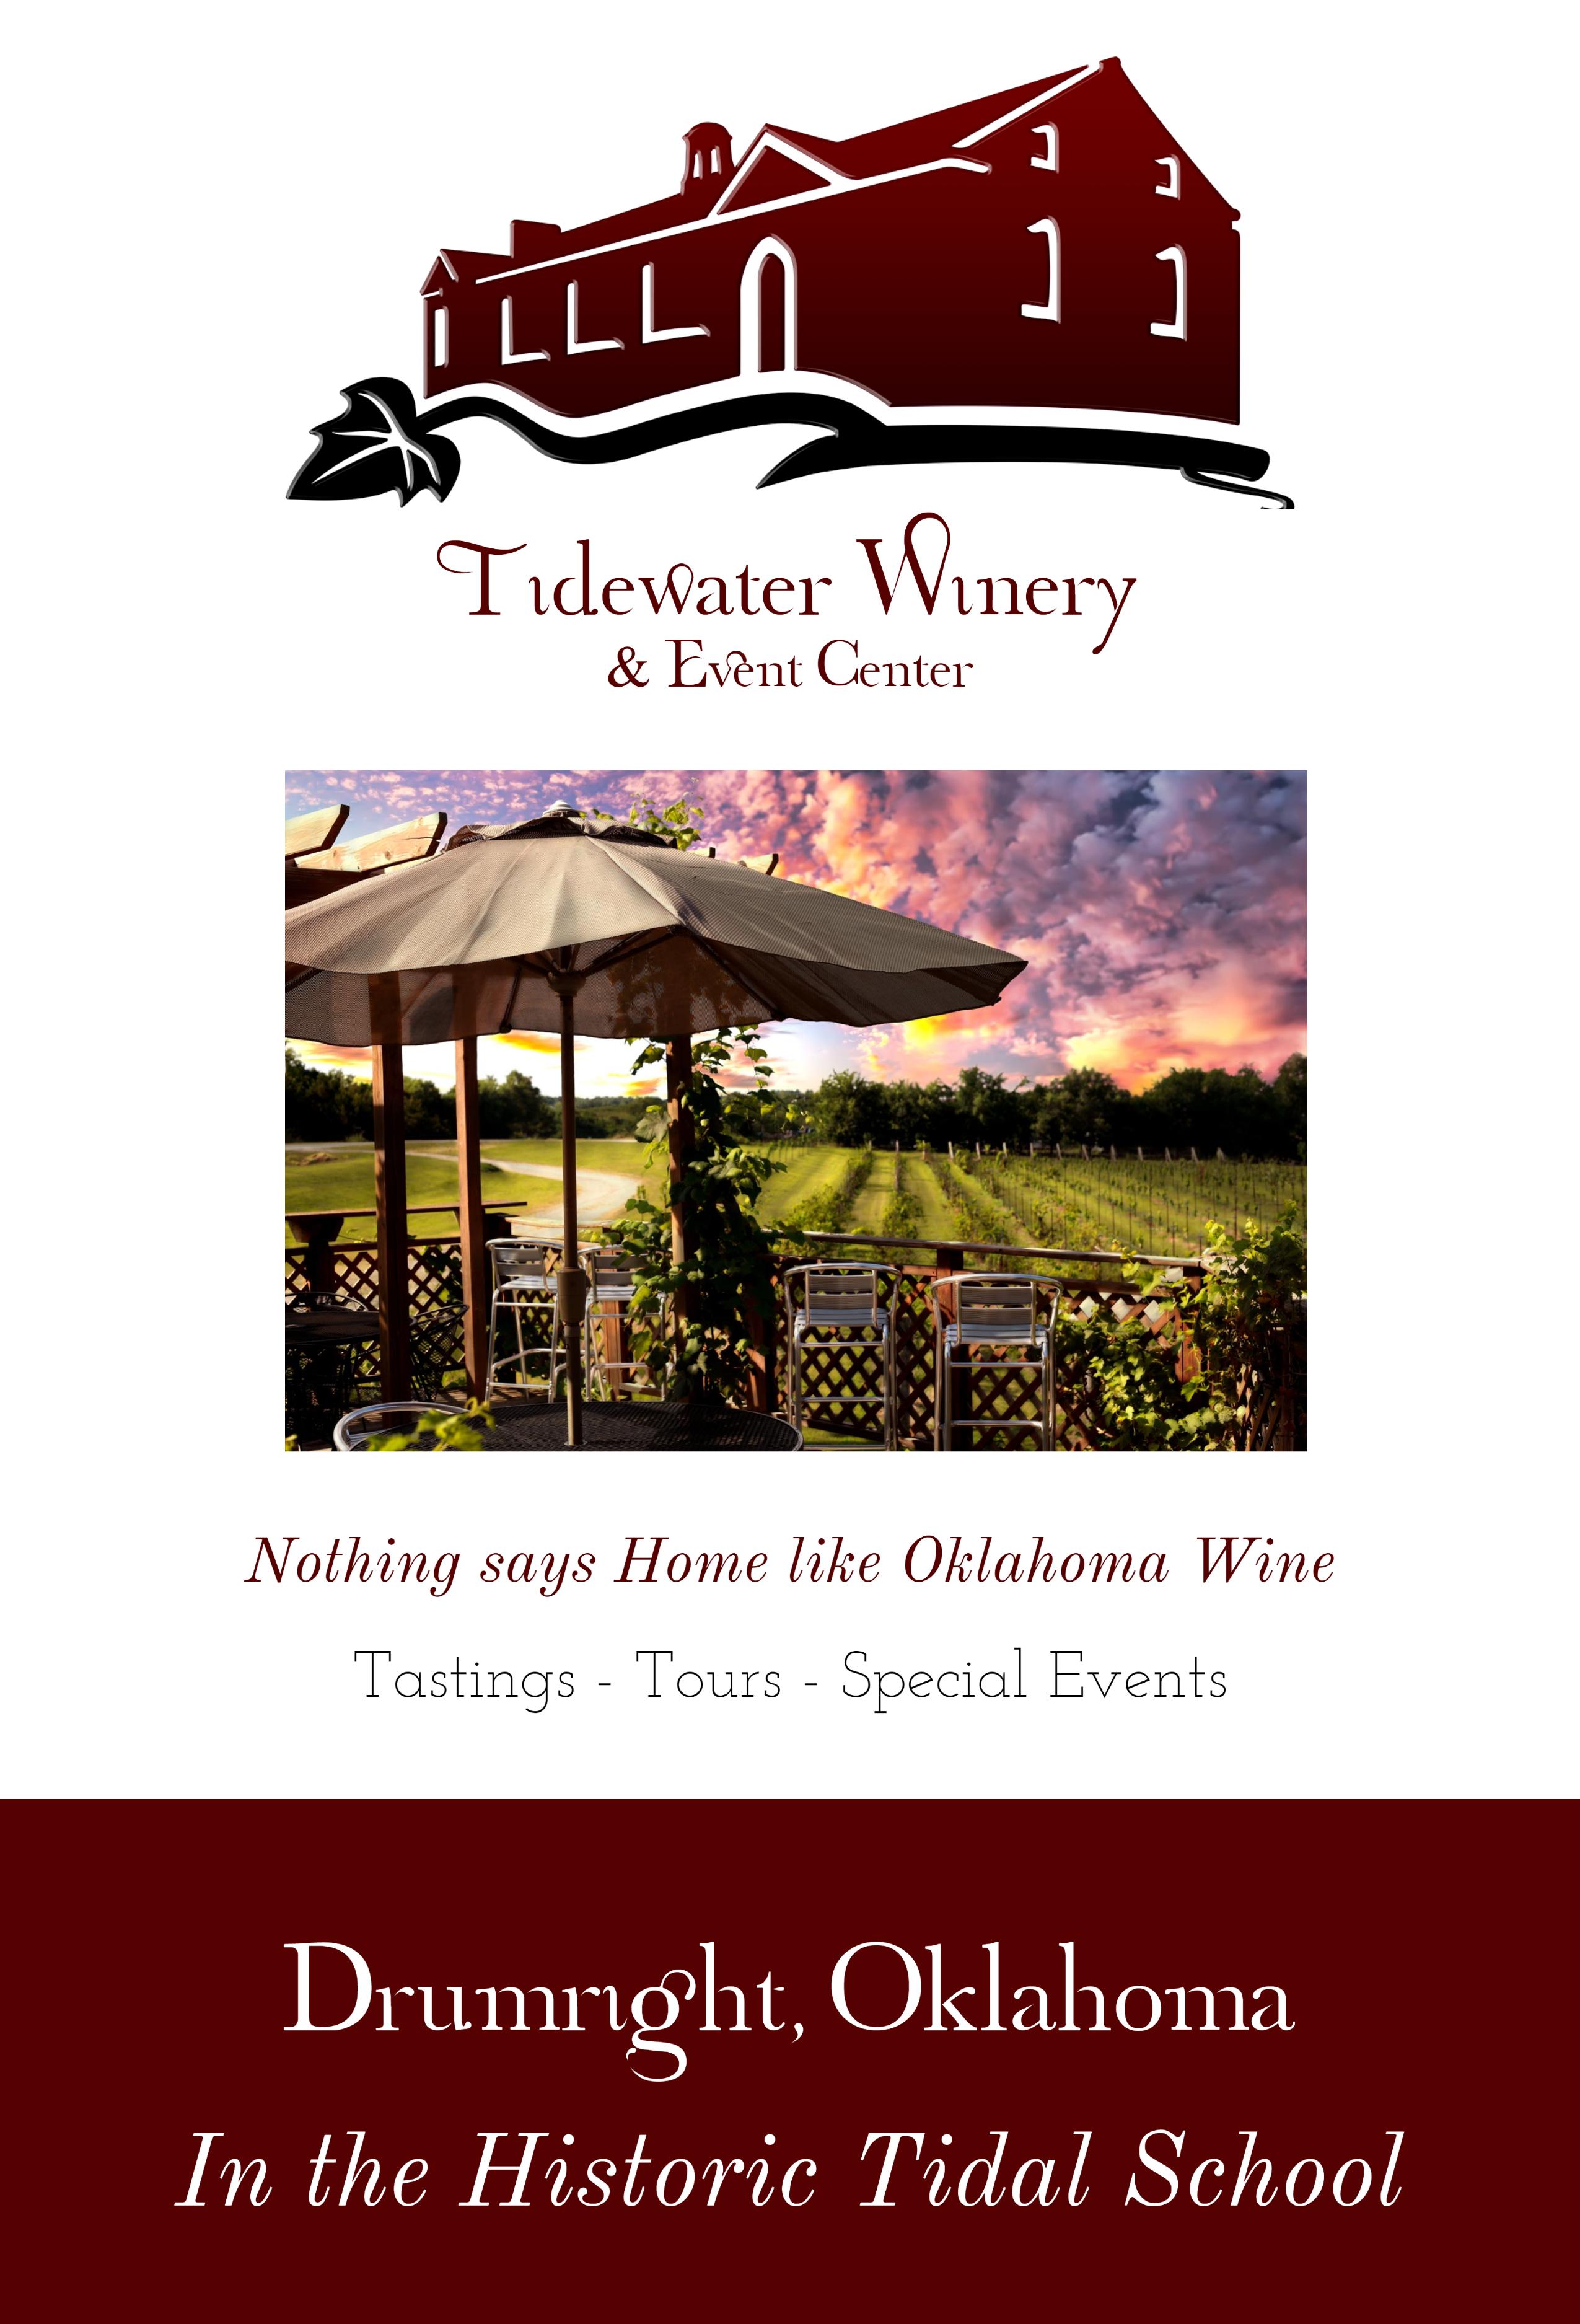 Tidewater Winery, LLC